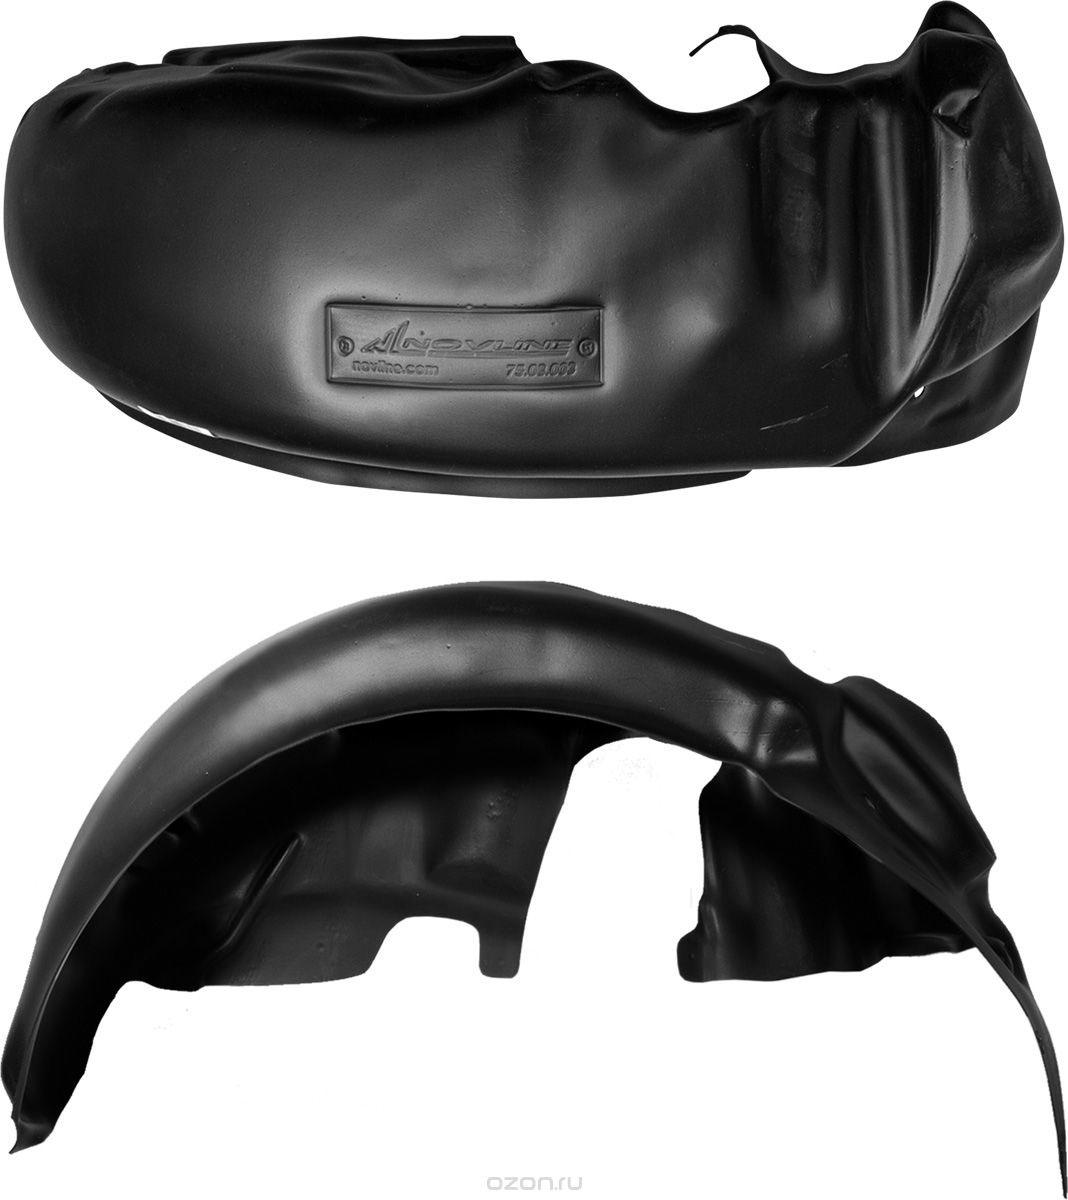 Подкрылок Novline-Autofamily, для FORD Transit, 2014->, передний левый44005003Идеальная защита колесной ниши. Локеры разработаны с применением цифровых технологий, гарантируют максимальную повторяемость поверхности арки. Изделия устанавливаются без нарушения лакокрасочного покрытия автомобиля, каждый подкрылок комплектуется крепежом. Уважаемые клиенты, обращаем ваше внимание, что фотографии на подкрылки универсальные и не отражают реальную форму изделия. При этом само изделие идет точно под размер указанного автомобиля.